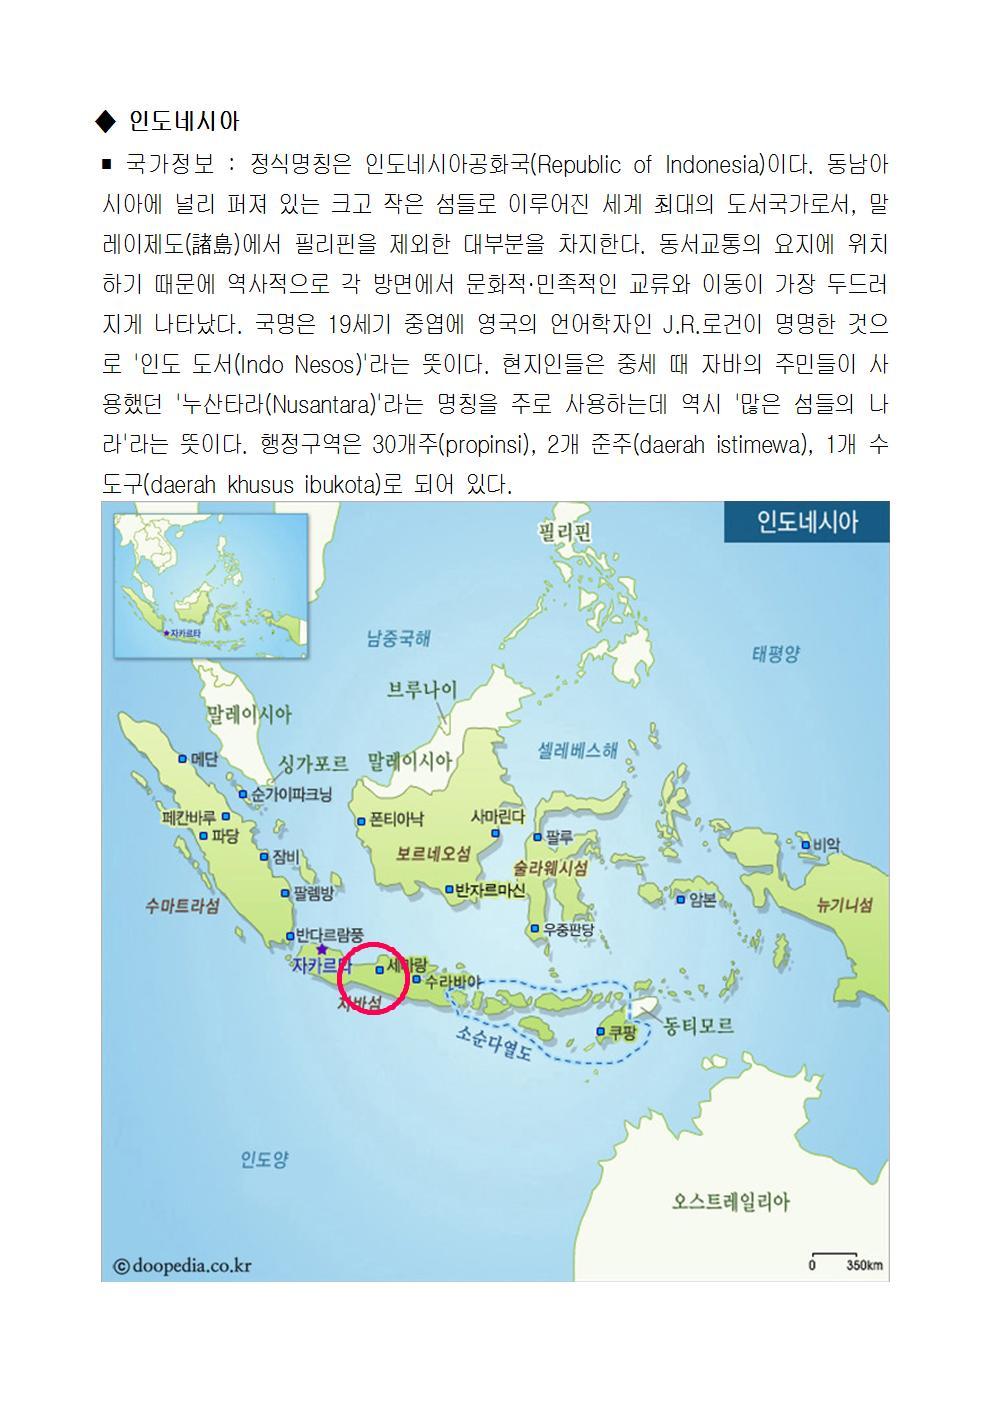 해외봉사활동 계획007.jpg